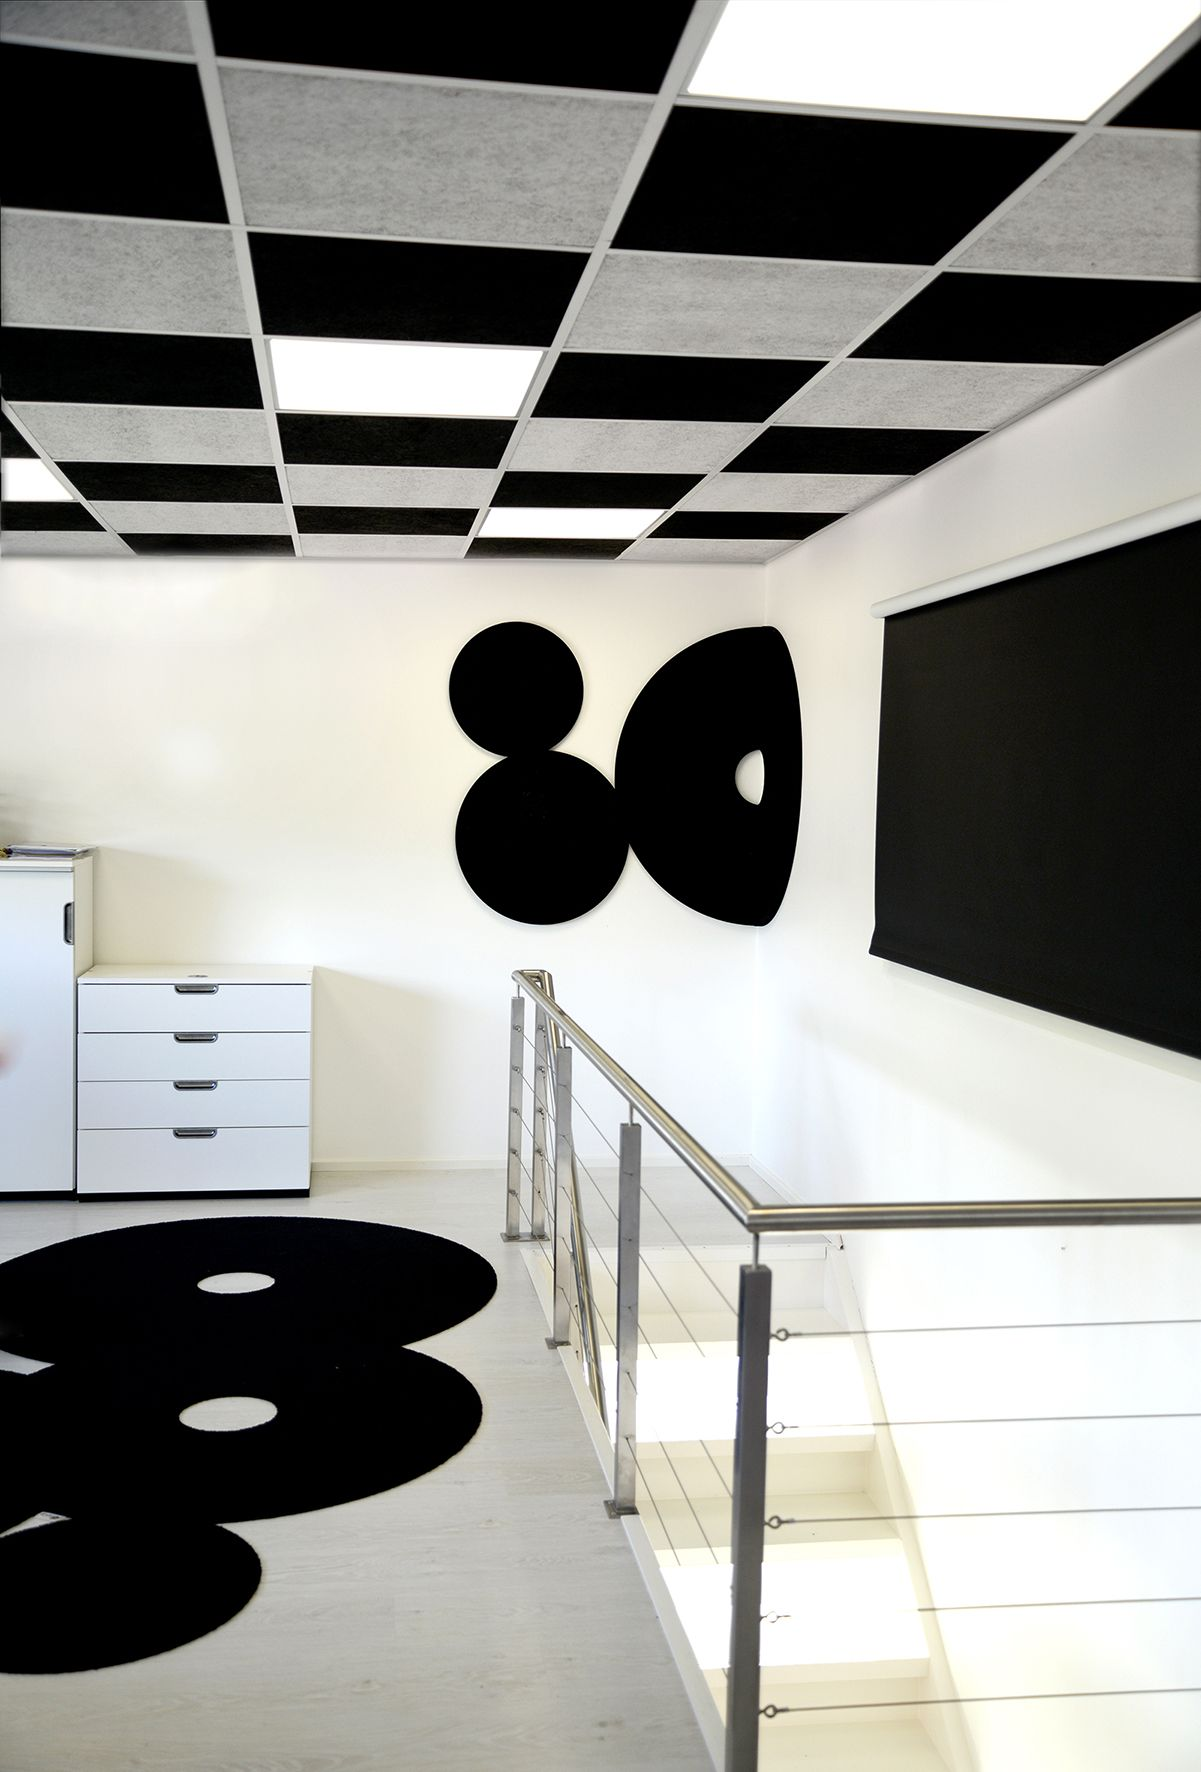 Ergonomiaa by AO-allover. Hyvinvointia tilaan kuin tilaan. Modernin ilmeen täydentäjänä mattojen uusi must - pOmpUp. AO-allover. #habitare2014 #design #sisustus #messut #helsinki #messukeskus